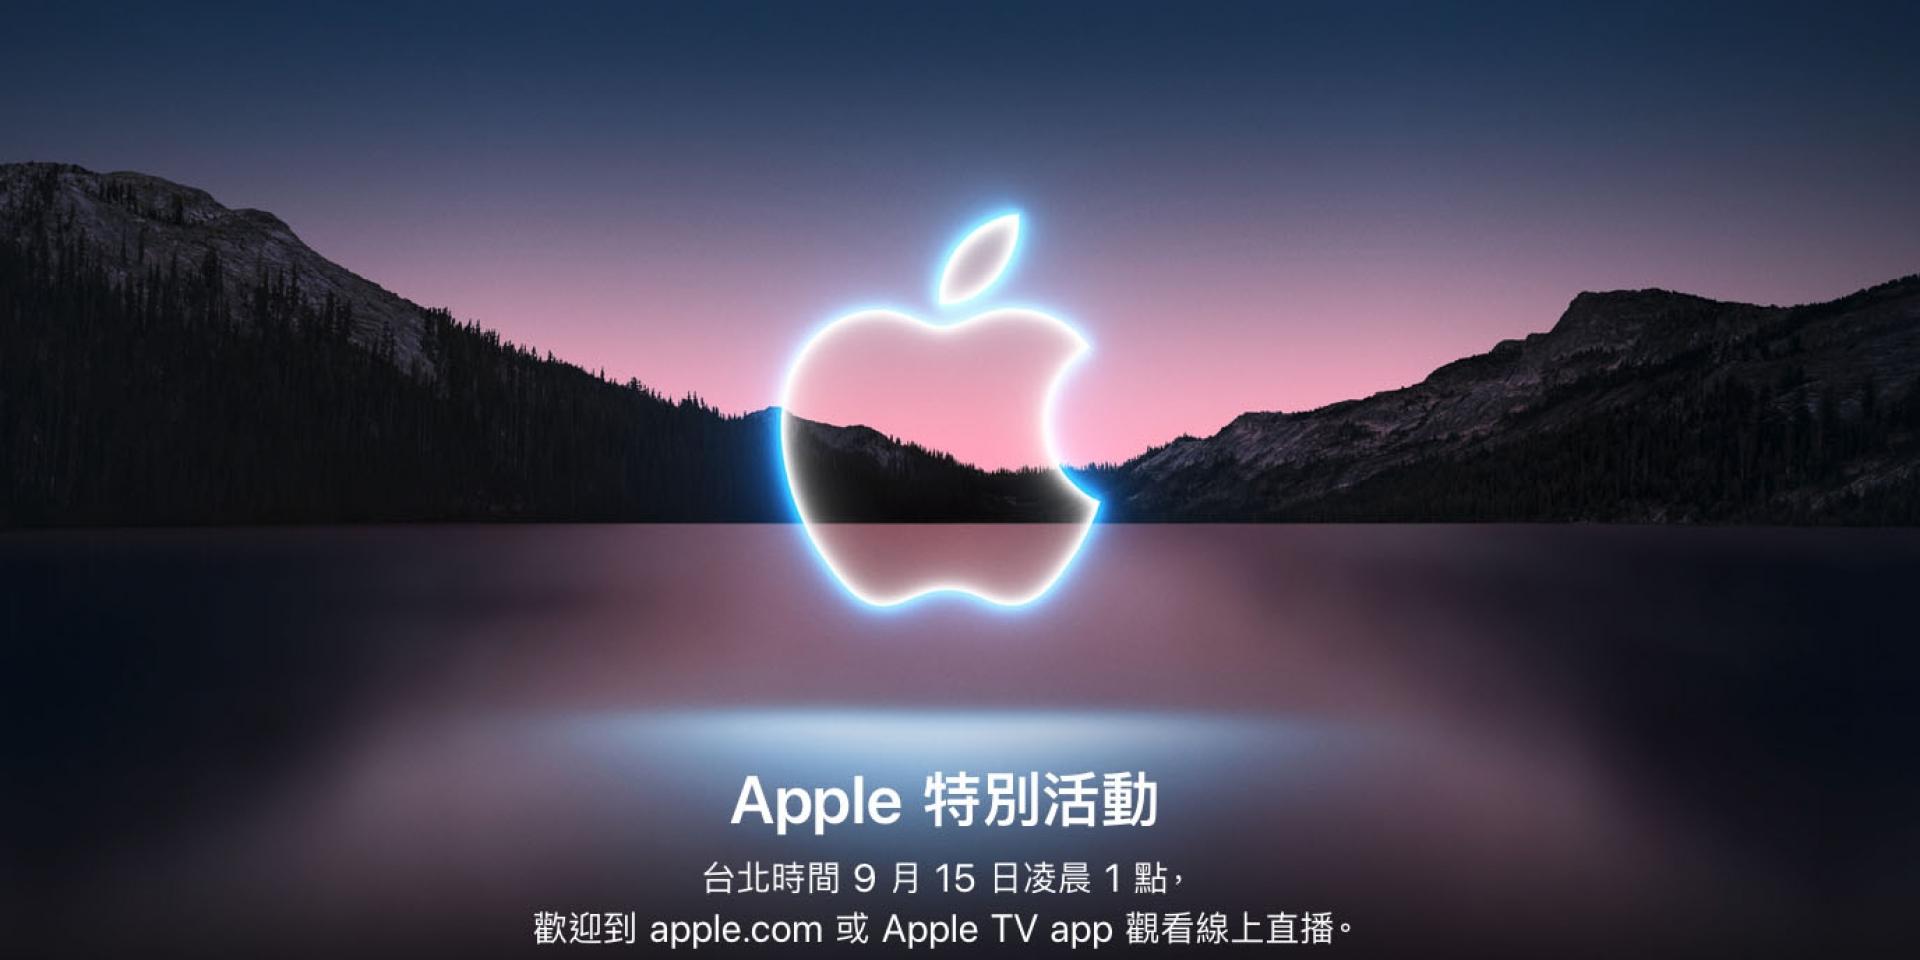 握好你的錢包,9/15新iPhone即將發表